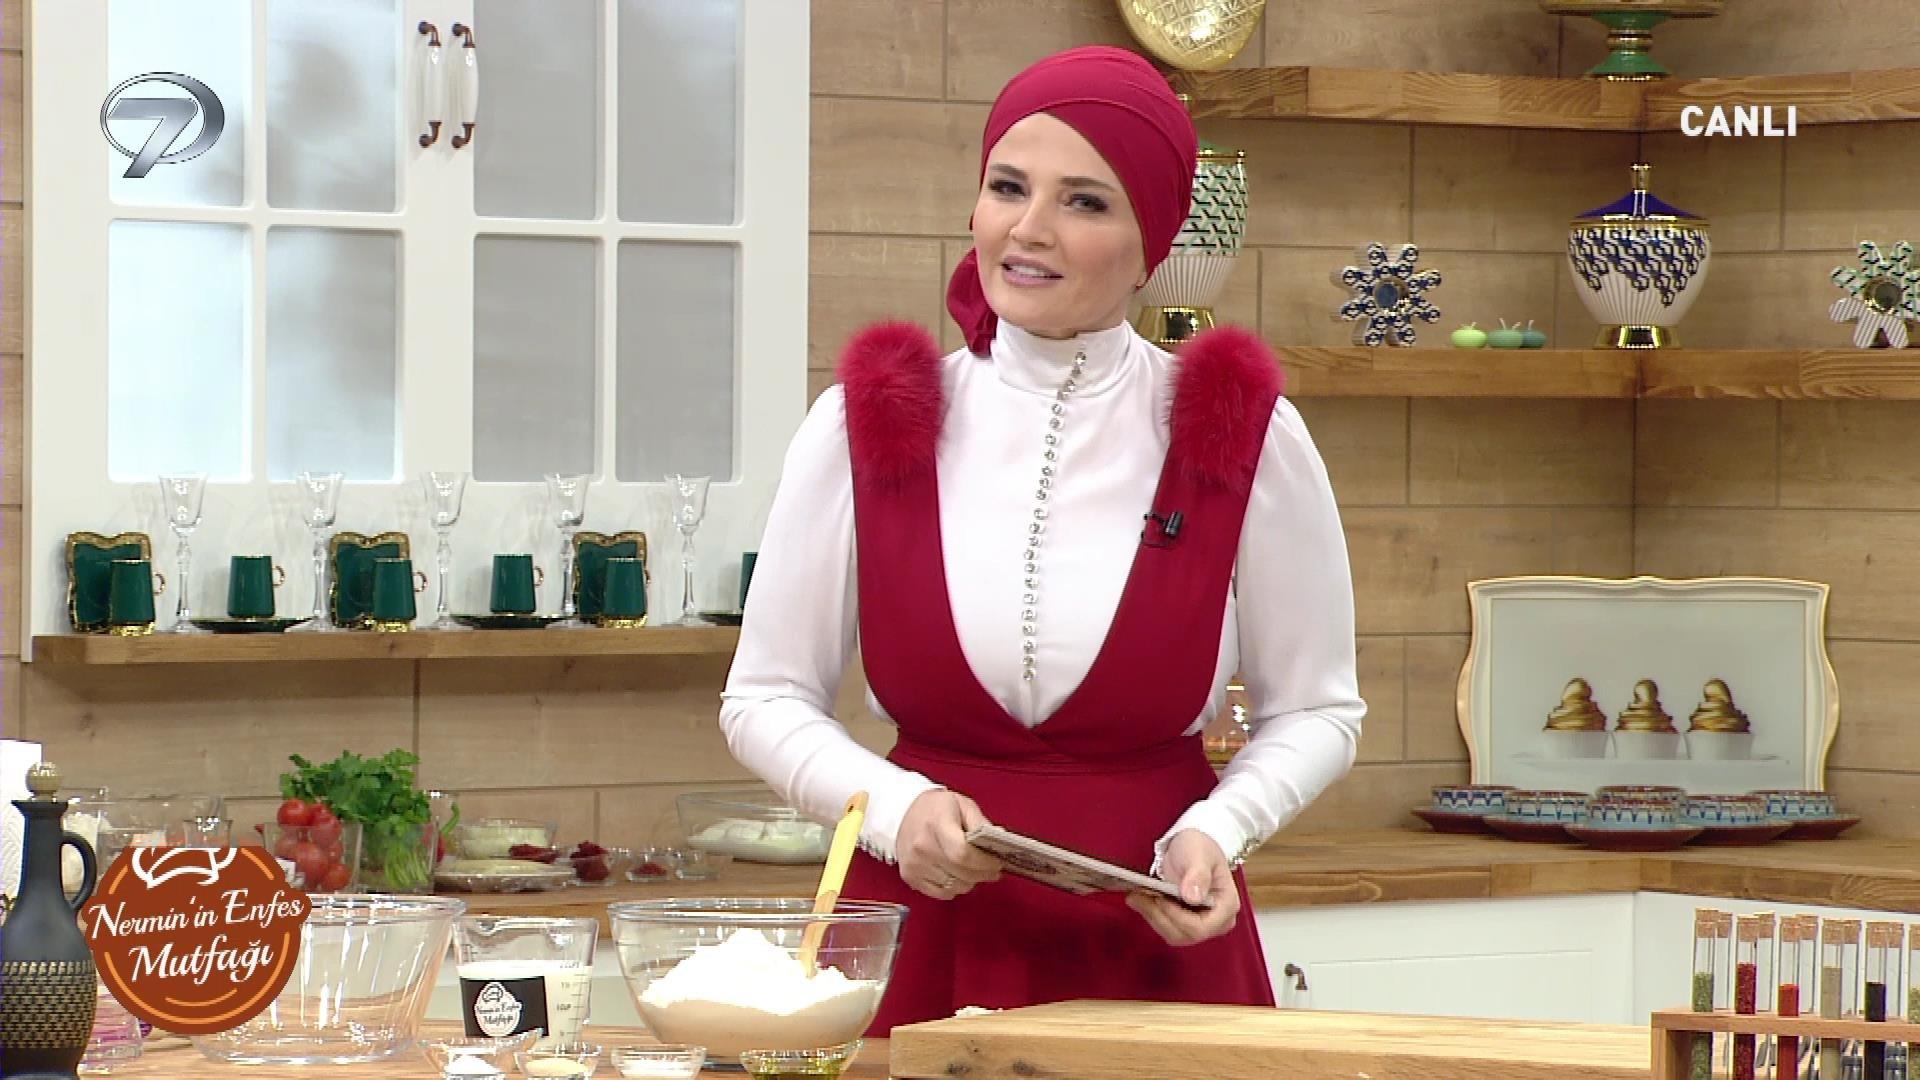 Nermin'in Enfes Mutfağı - Züleyha | 23 Şubat 2021 - Dailymotion Video